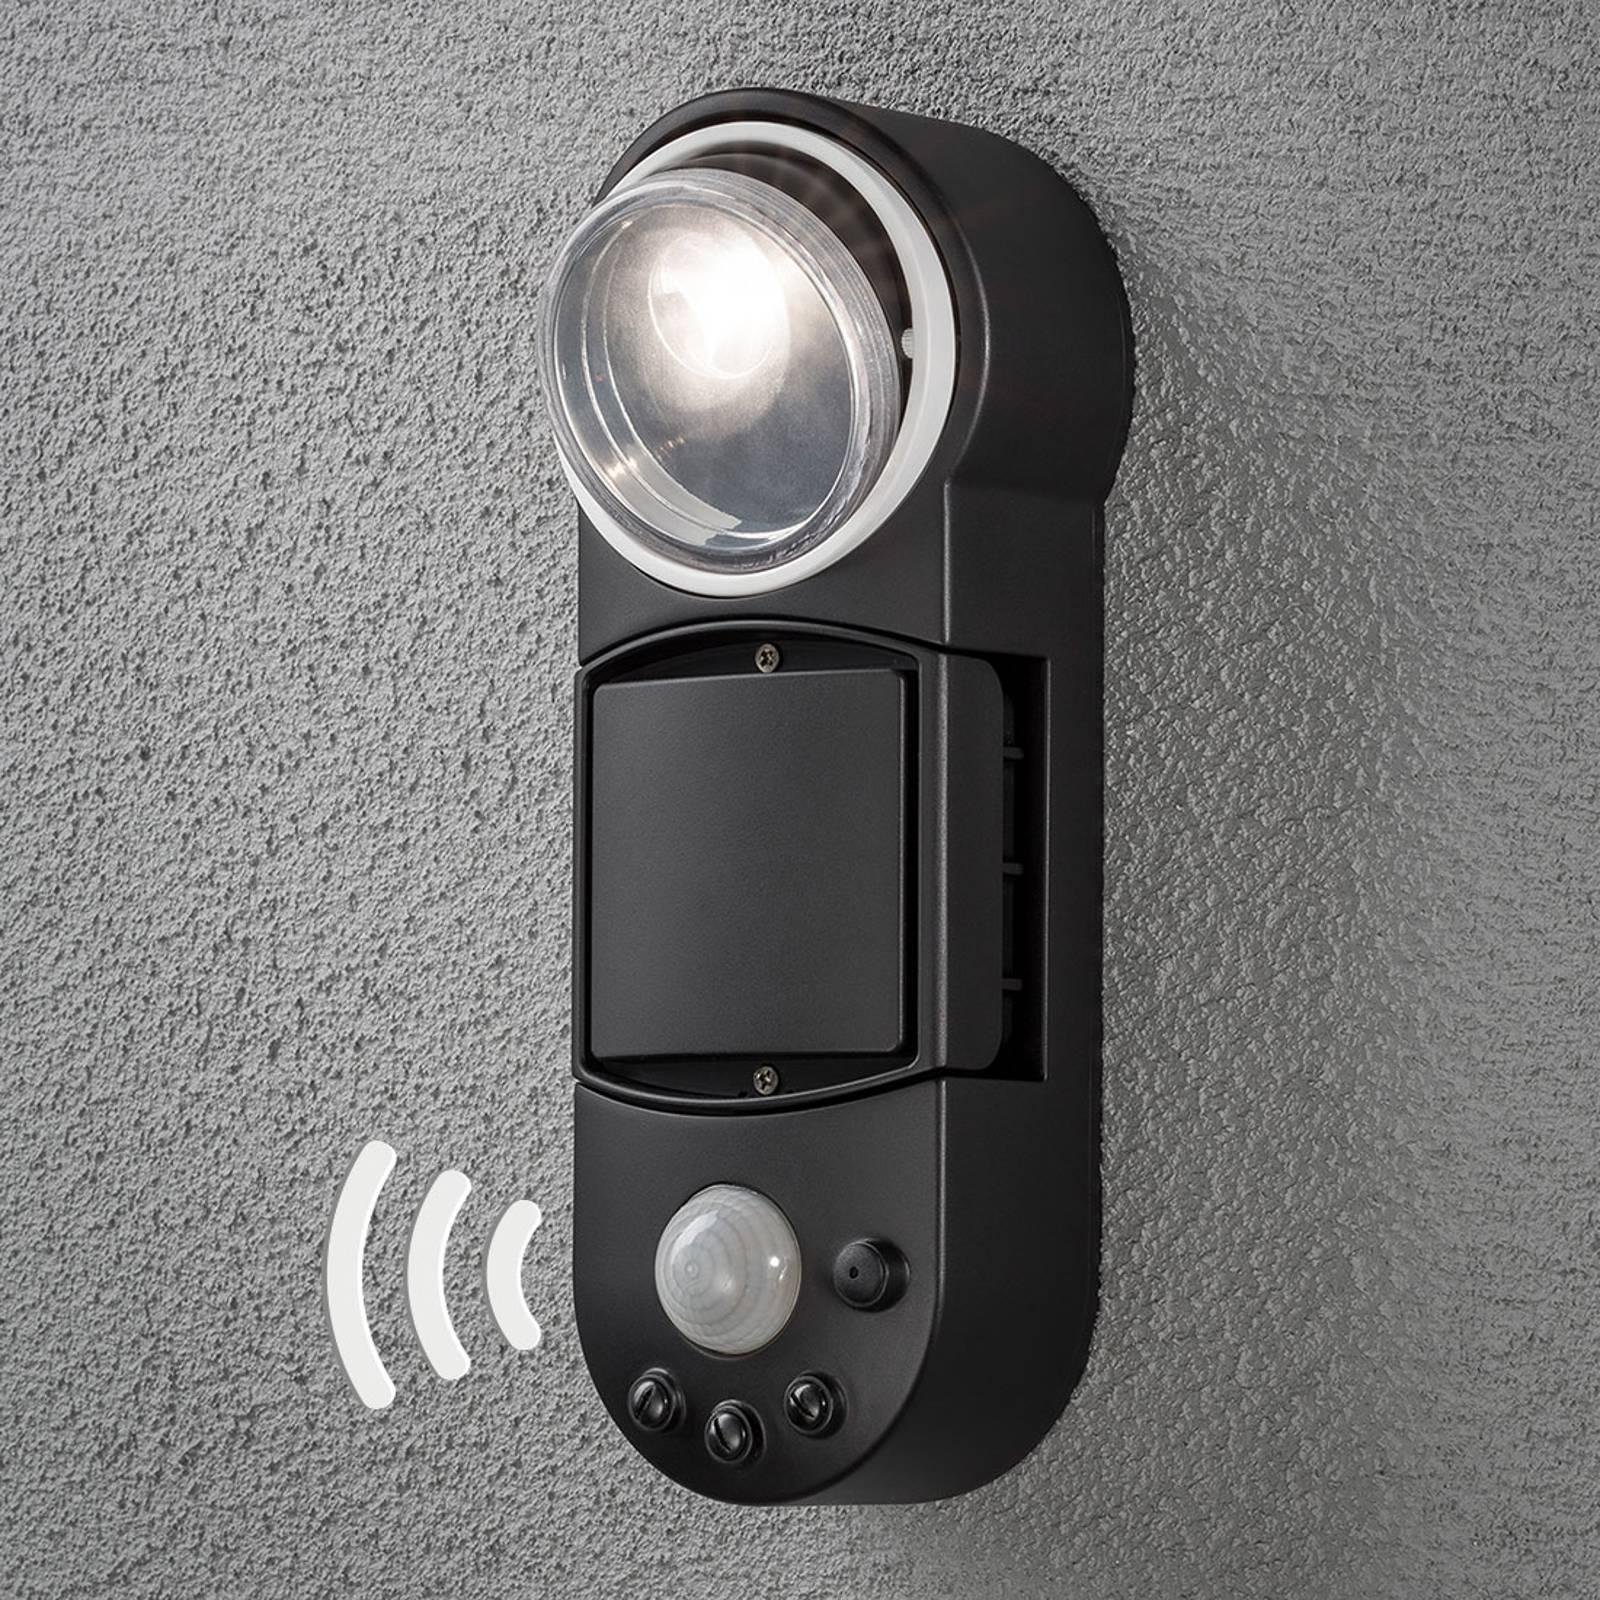 LED-ulkoseinävalaisin Prato, paristokäyttö, 10 cm